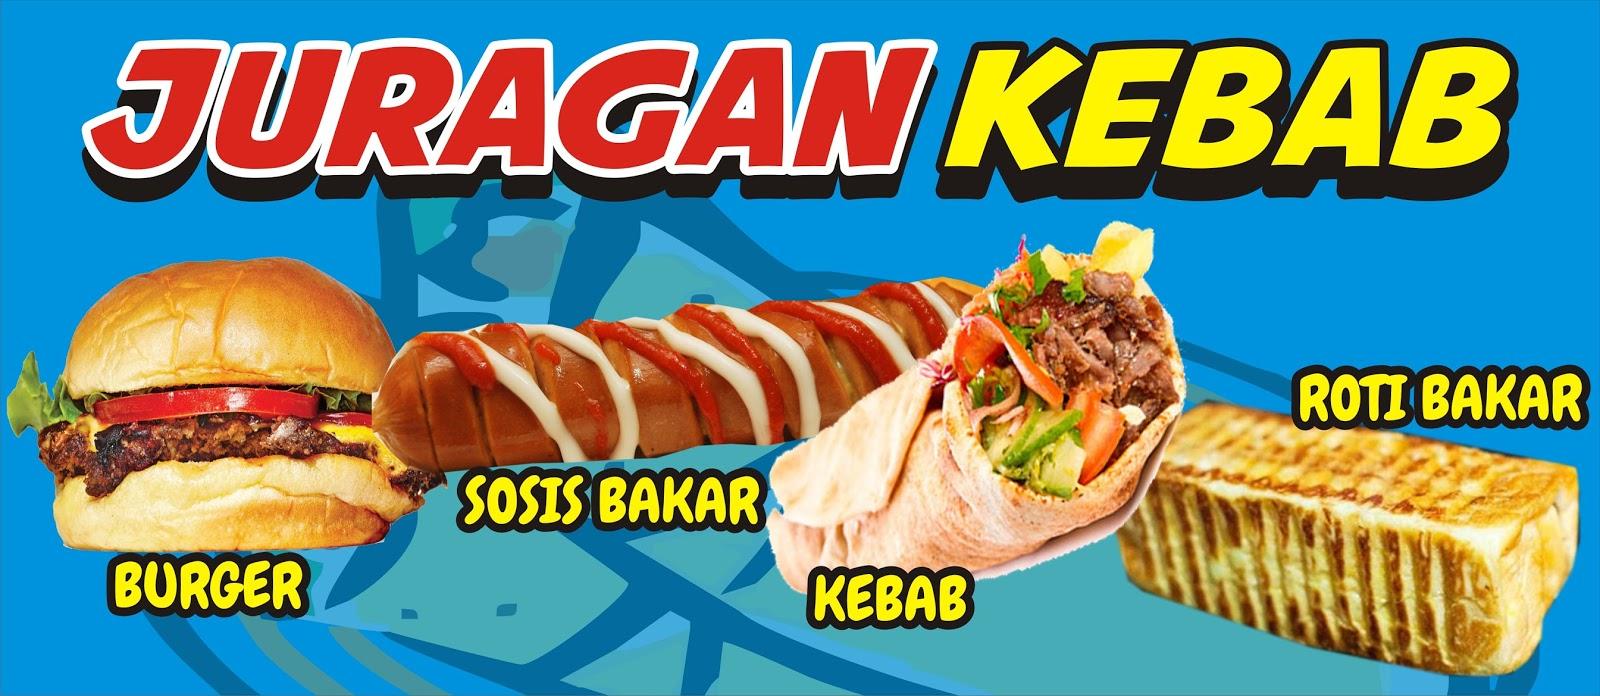 Download Contoh Desain Spanduk Kebab Keren Banget Format